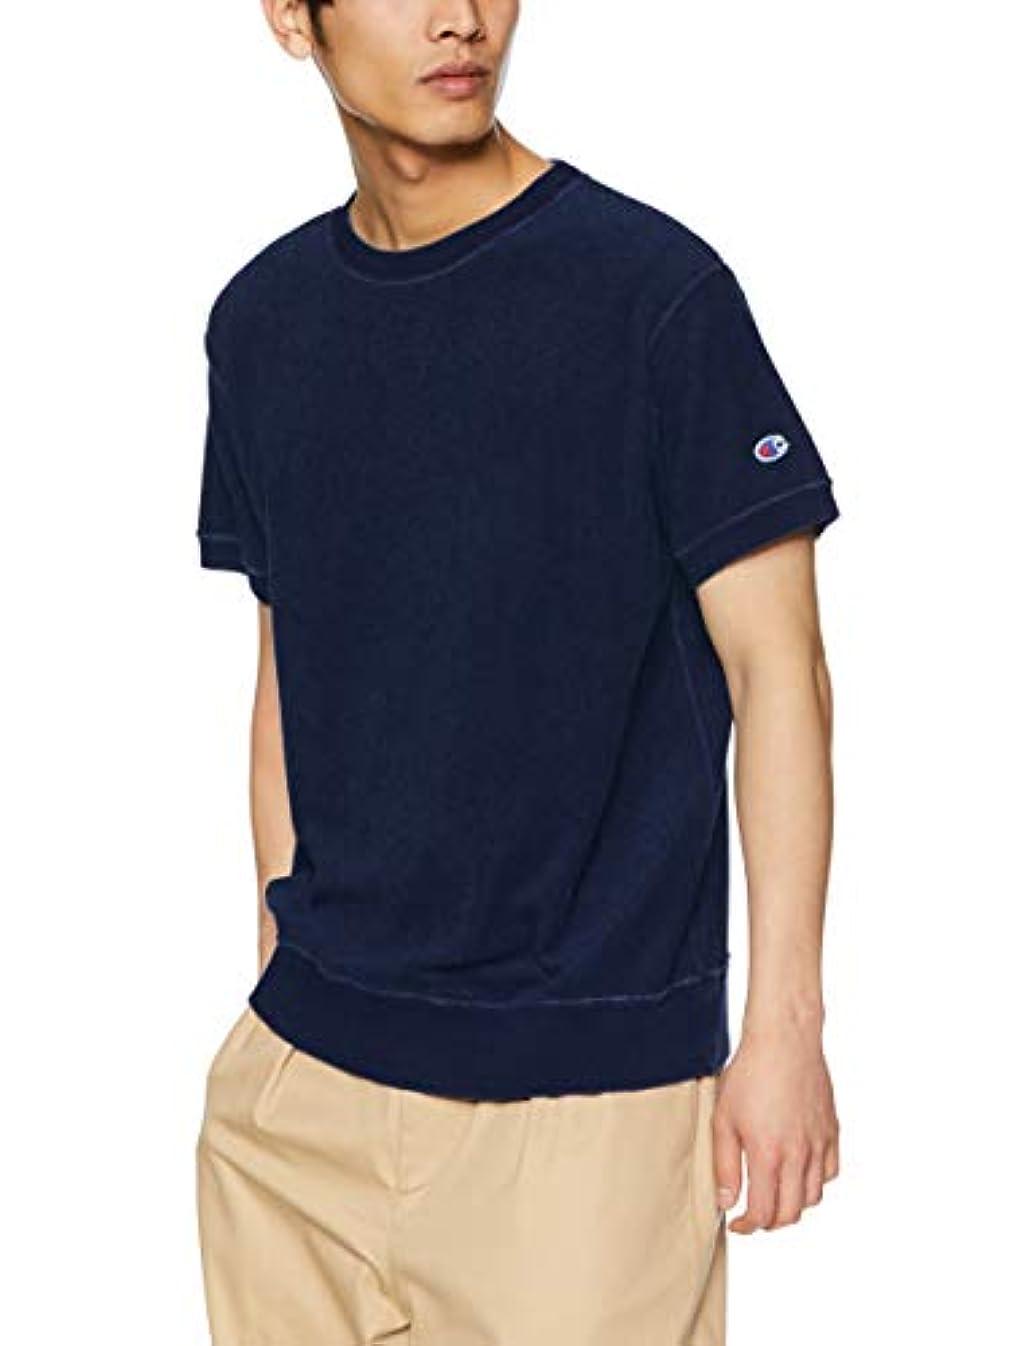 魅惑する小学生穀物[チャンピオン] ショートスリーブクルーネックスウェットシャツ C3-P346 メンズ